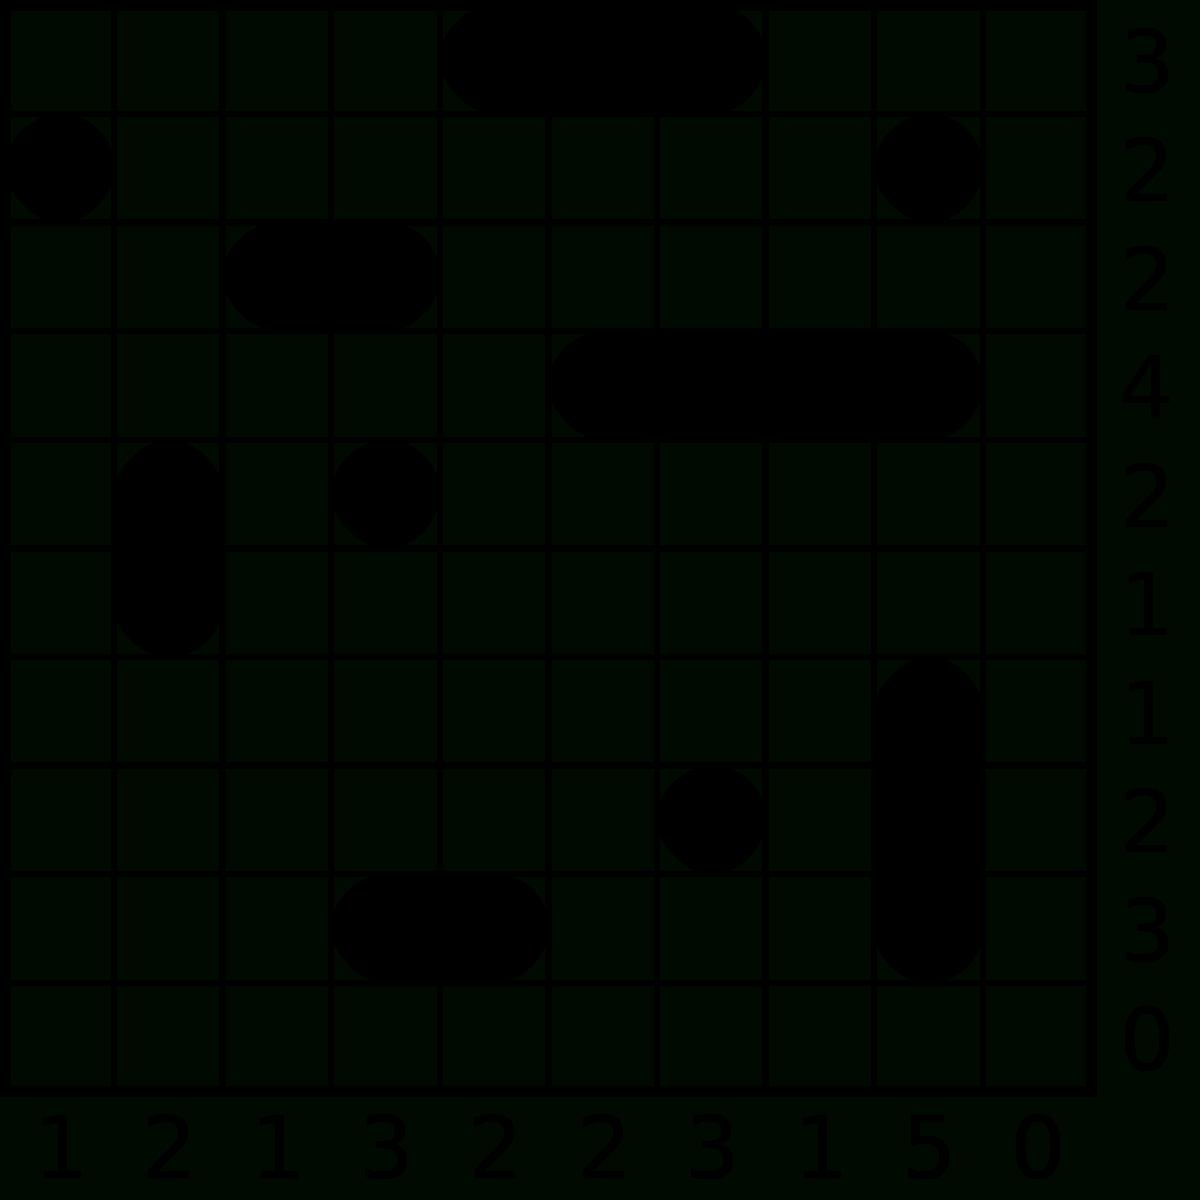 Battleship (Puzzle) - Wikipedia - Printable Battleships Puzzle